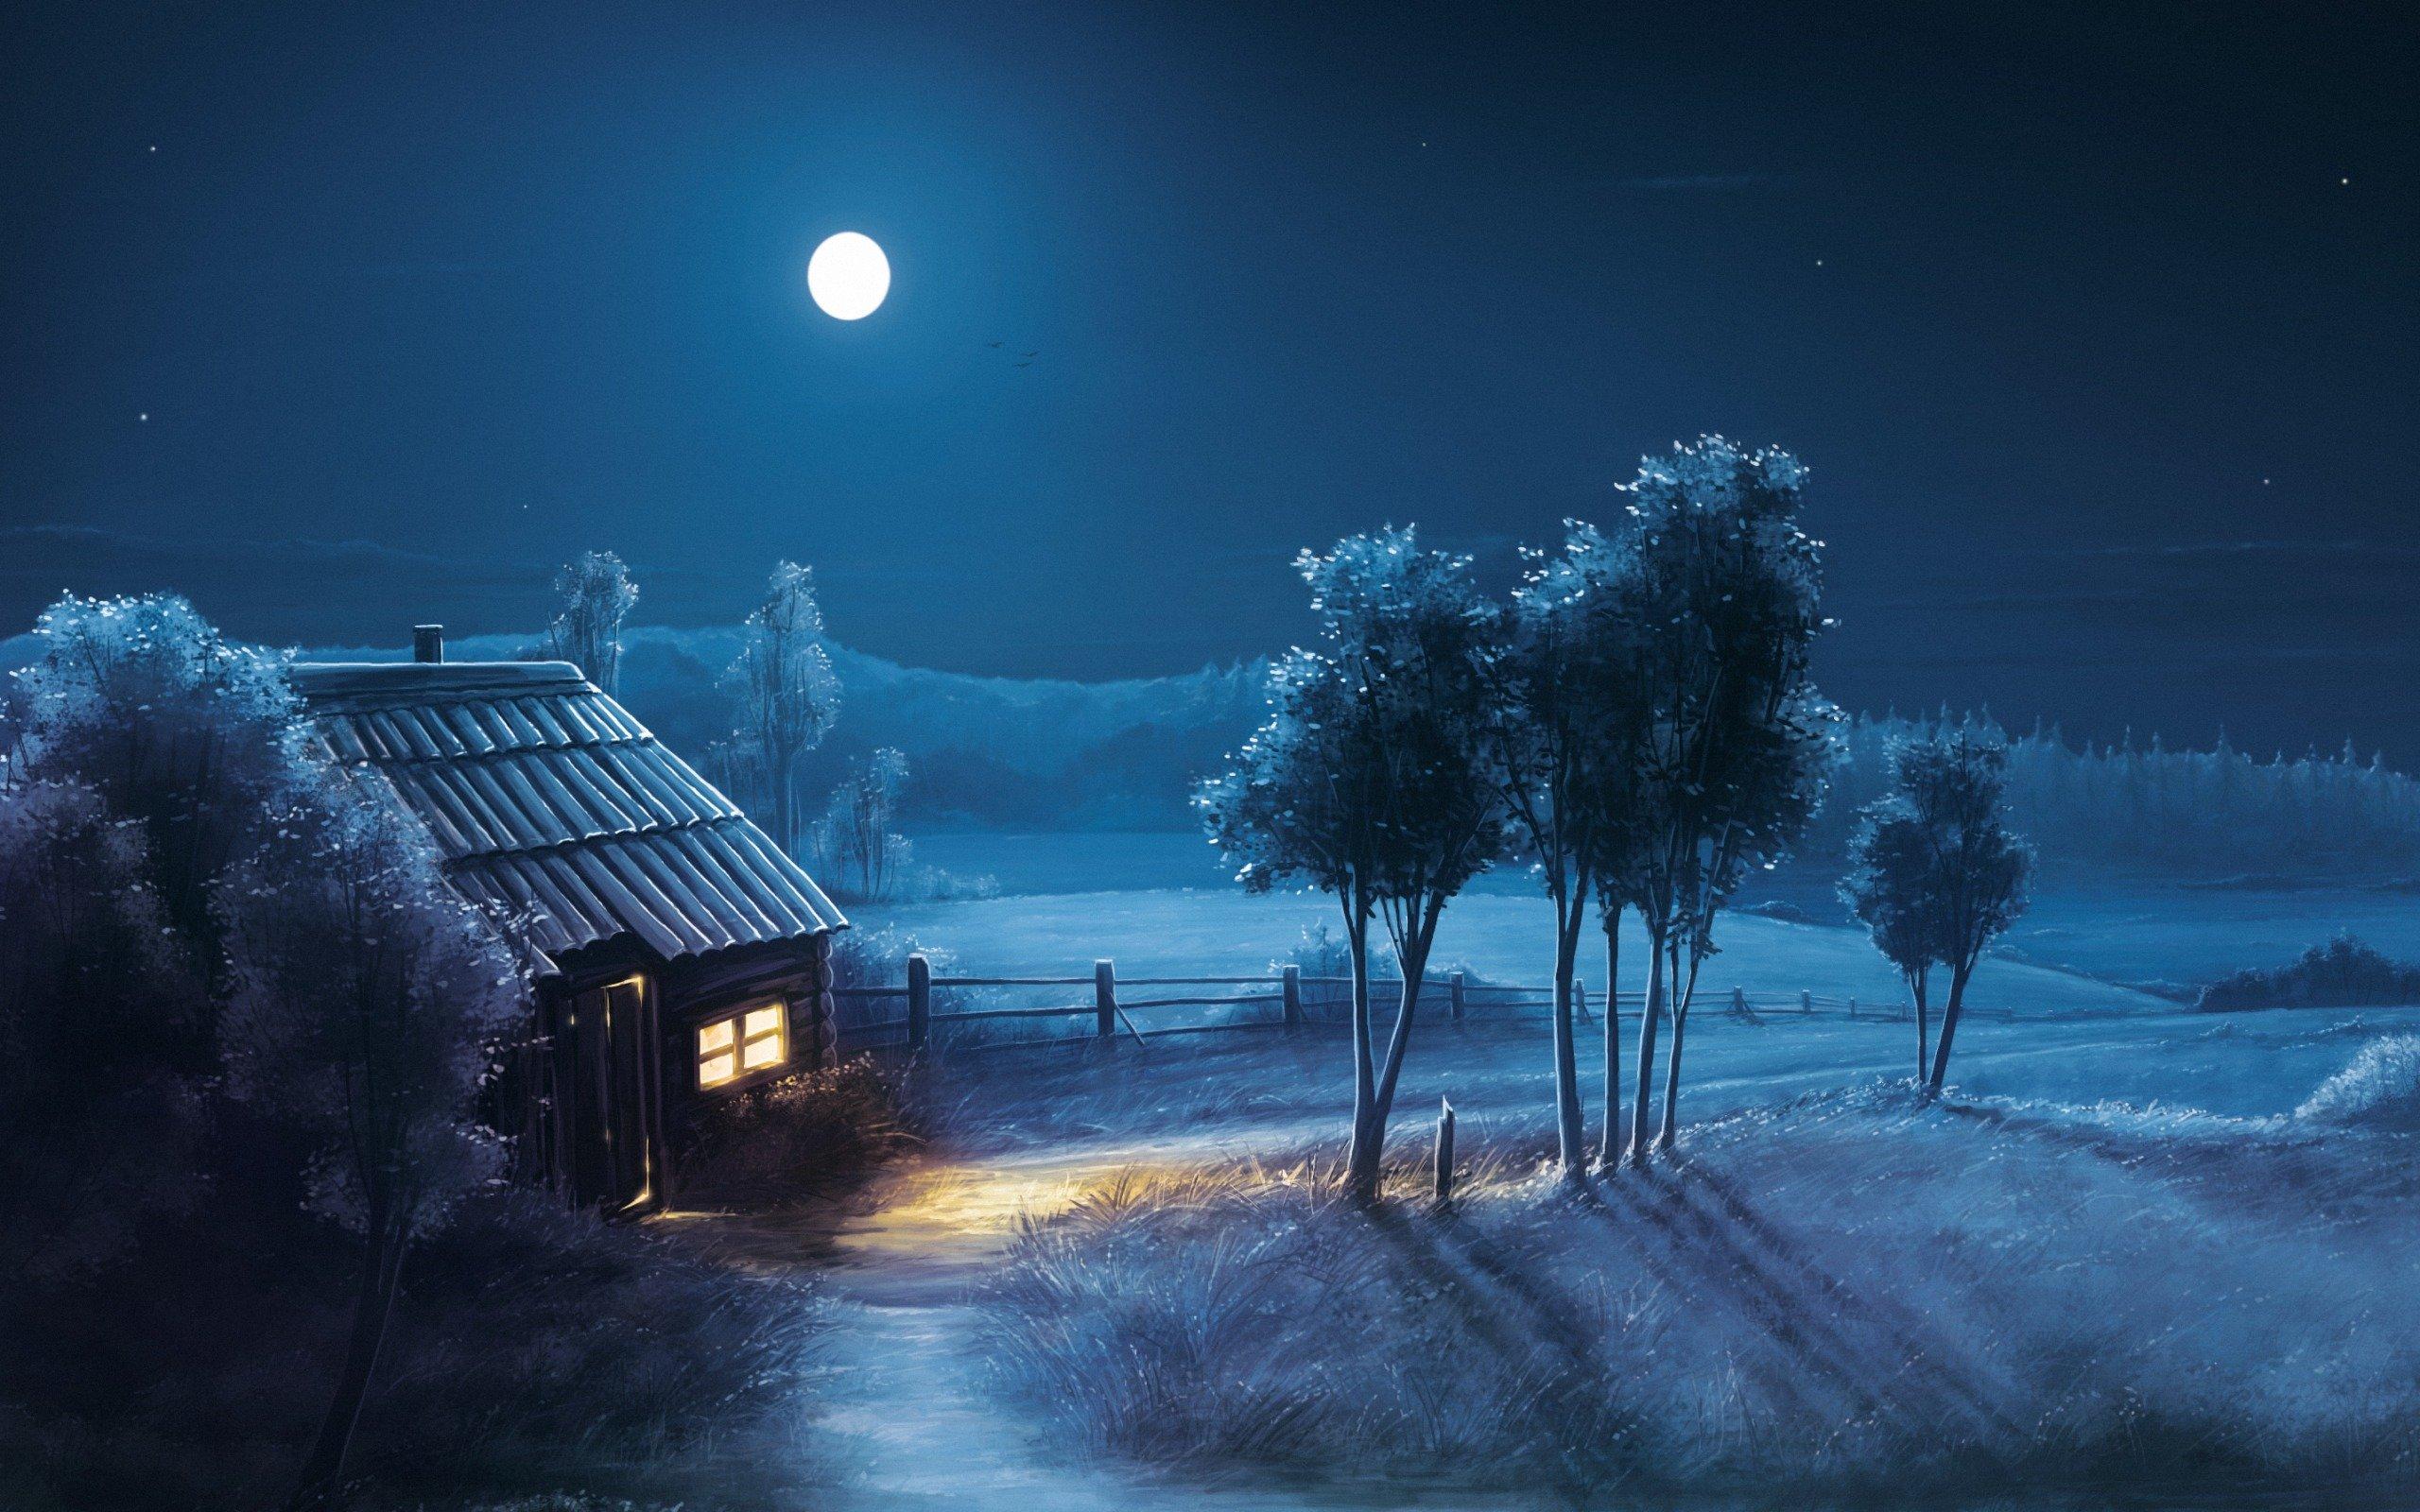 Cool Wallpaper Night Fantasy - 4b46b2fb8e967c7b516ac62ad01f795c  Graphic-357311.jpg